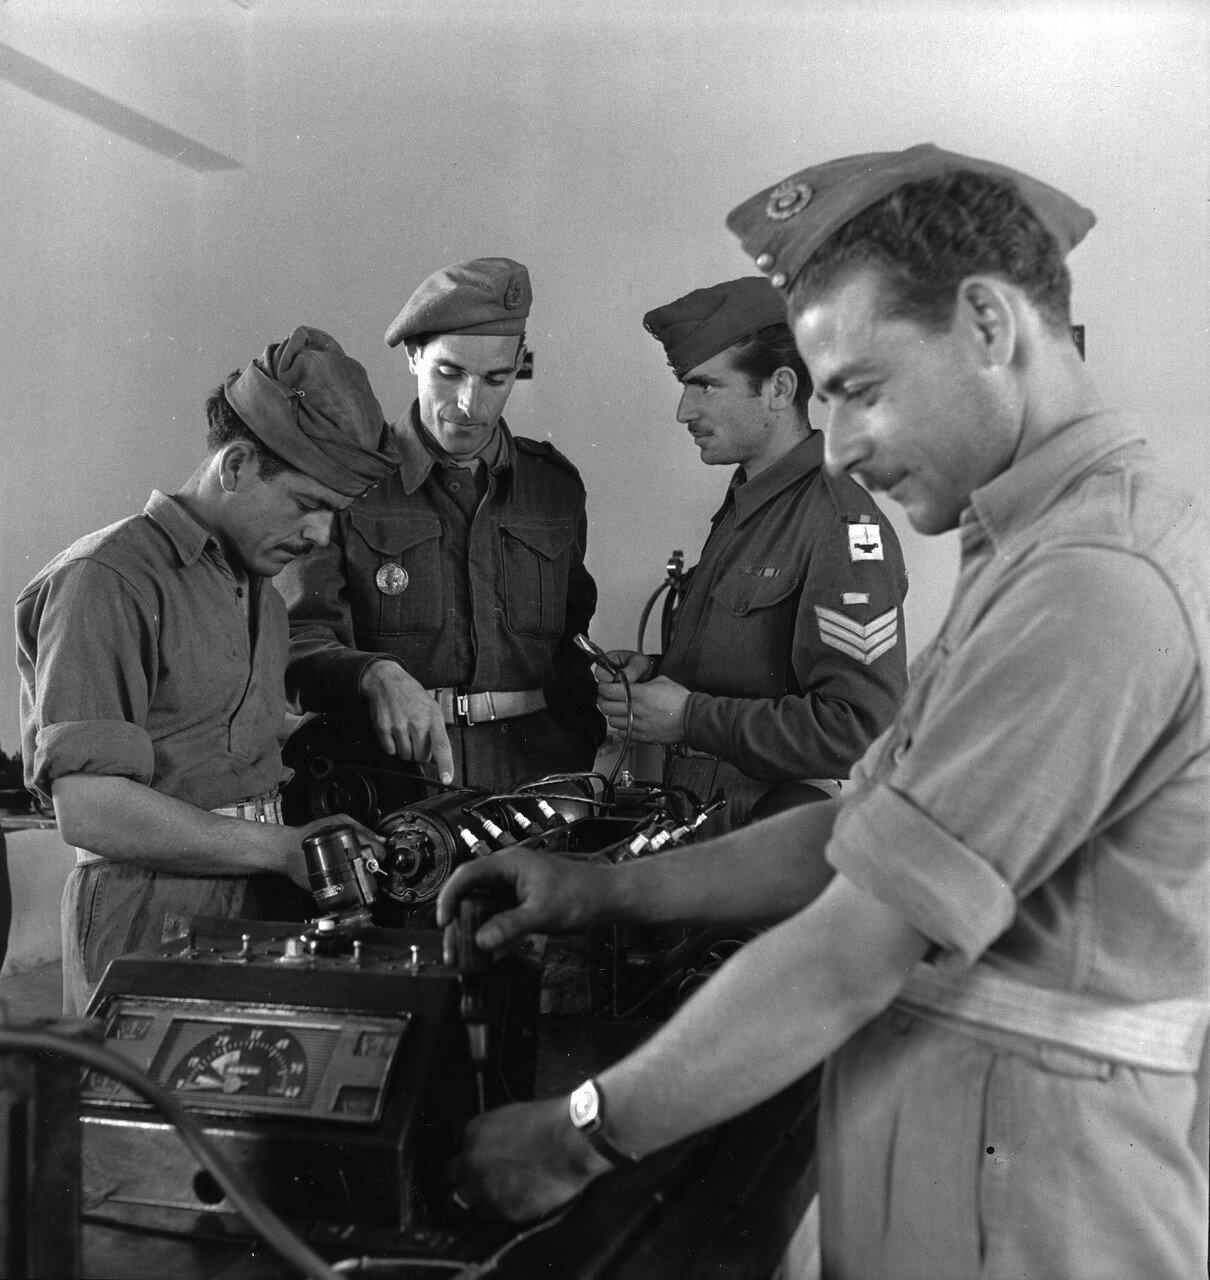 1947. Новобранцы проходят техническую подготовку под присмотром британских учителей